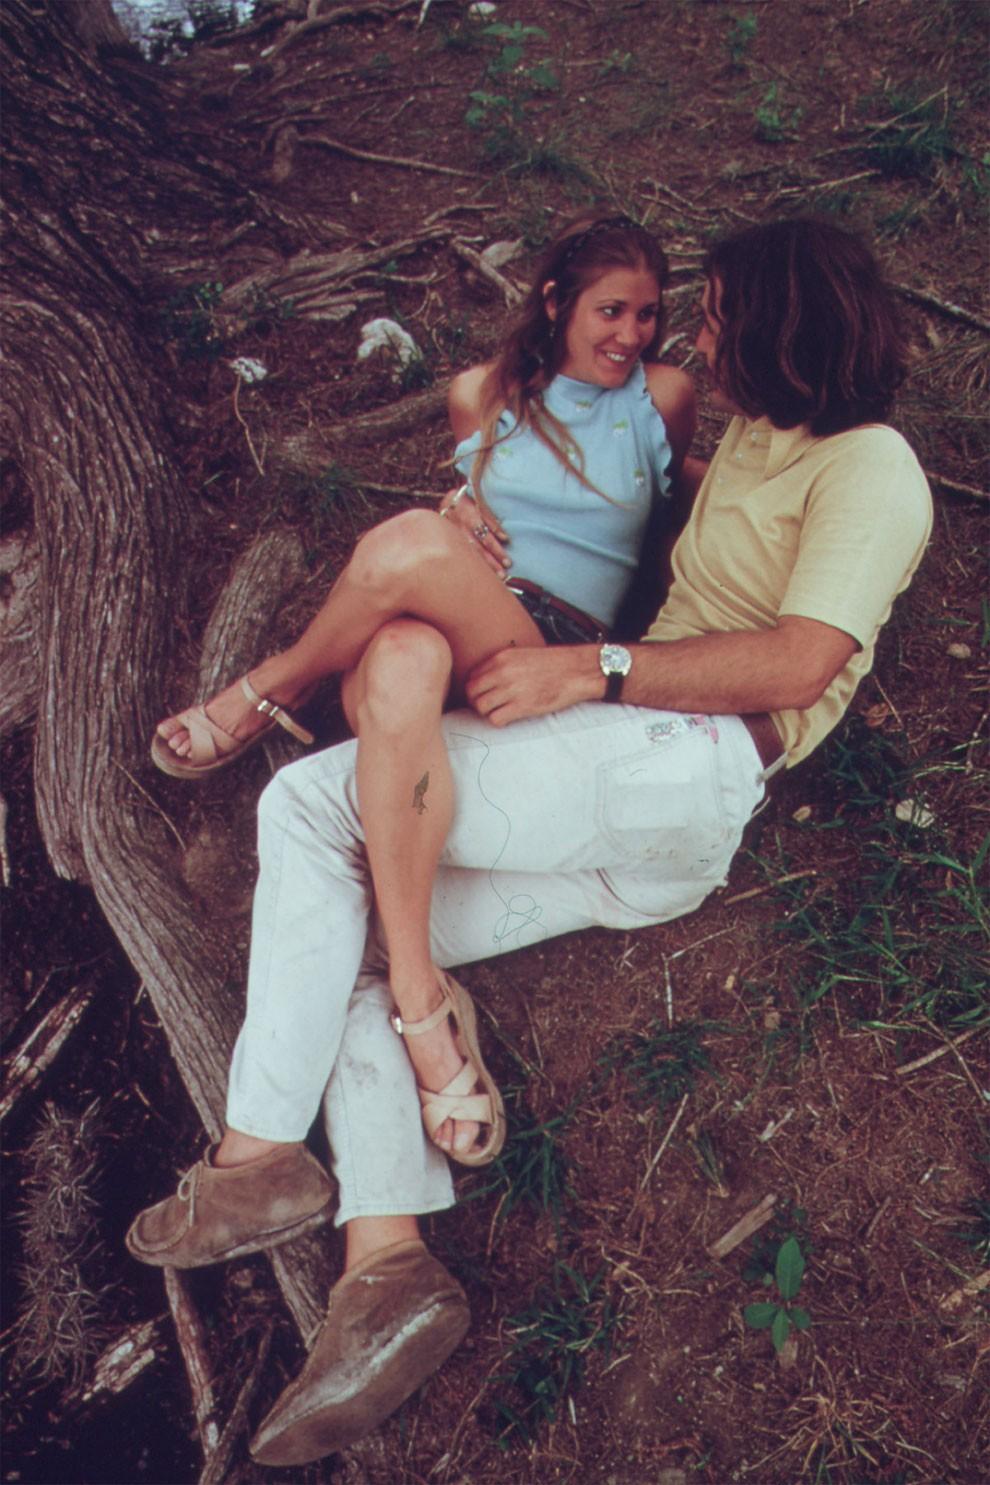 adolescenti-fumano-erba-america-1973-marc-san-gil-05